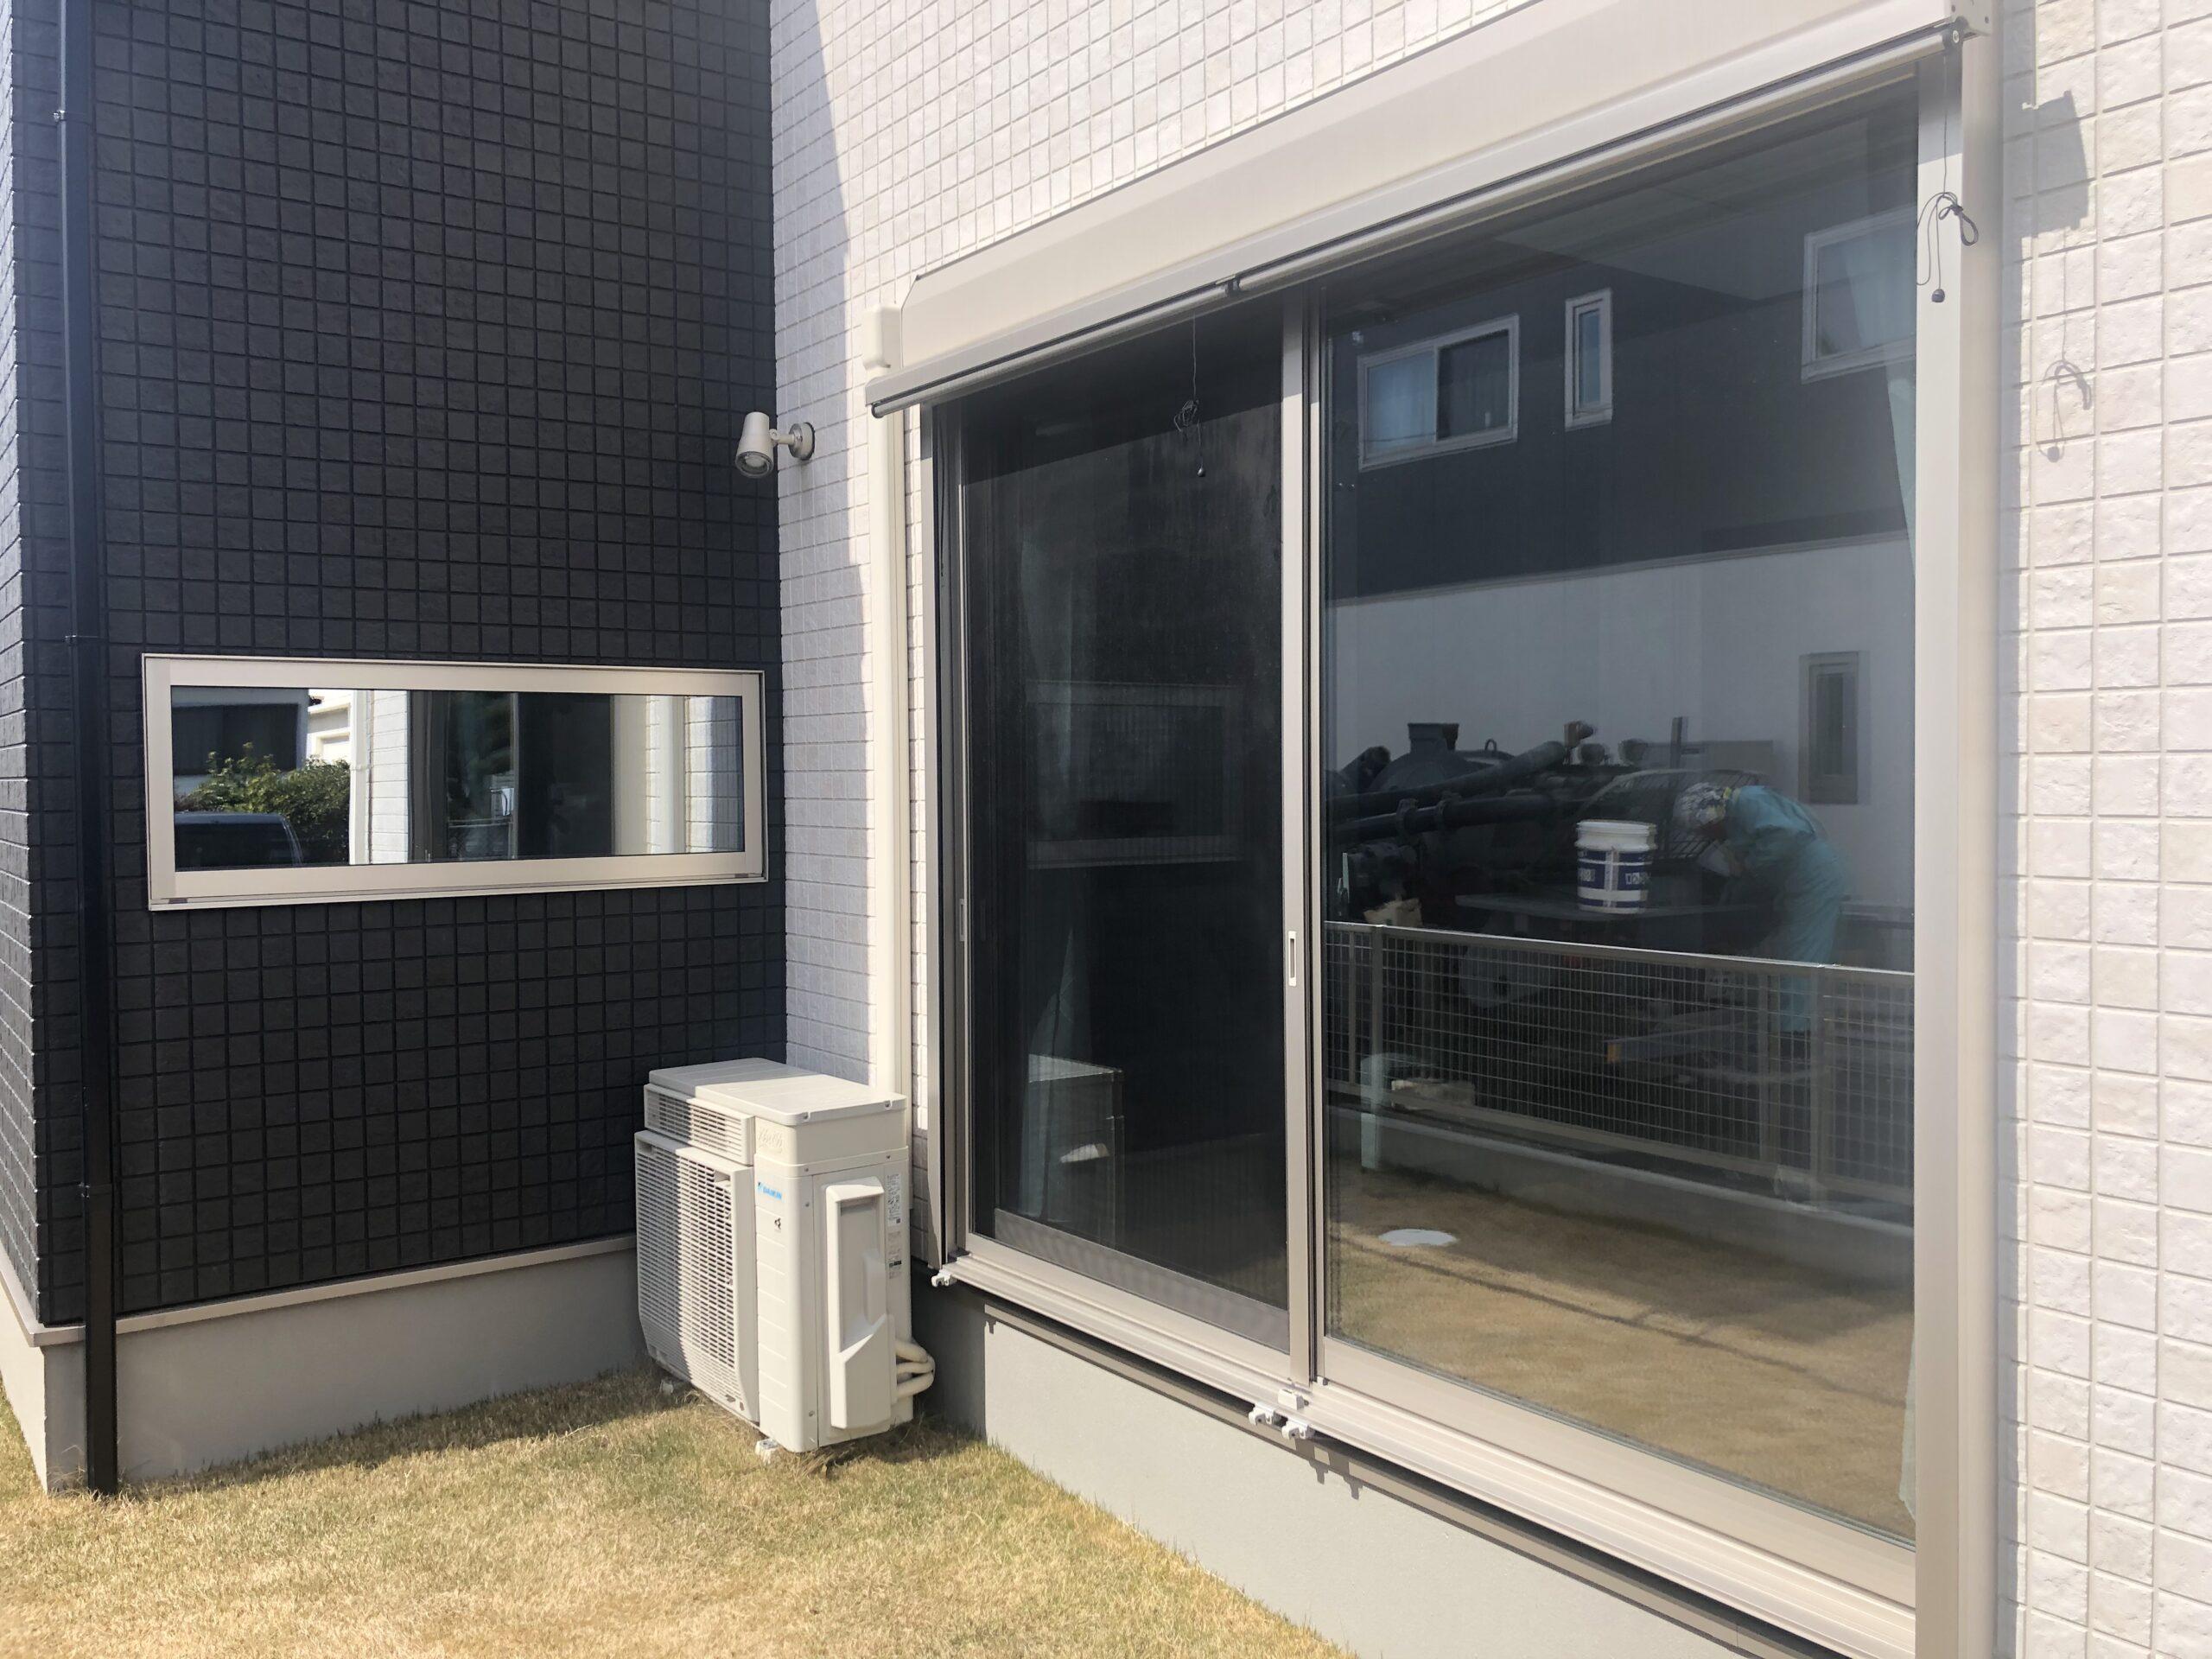 福岡県久留米市で窓ガラスに目隠しミラーフィルムを施工